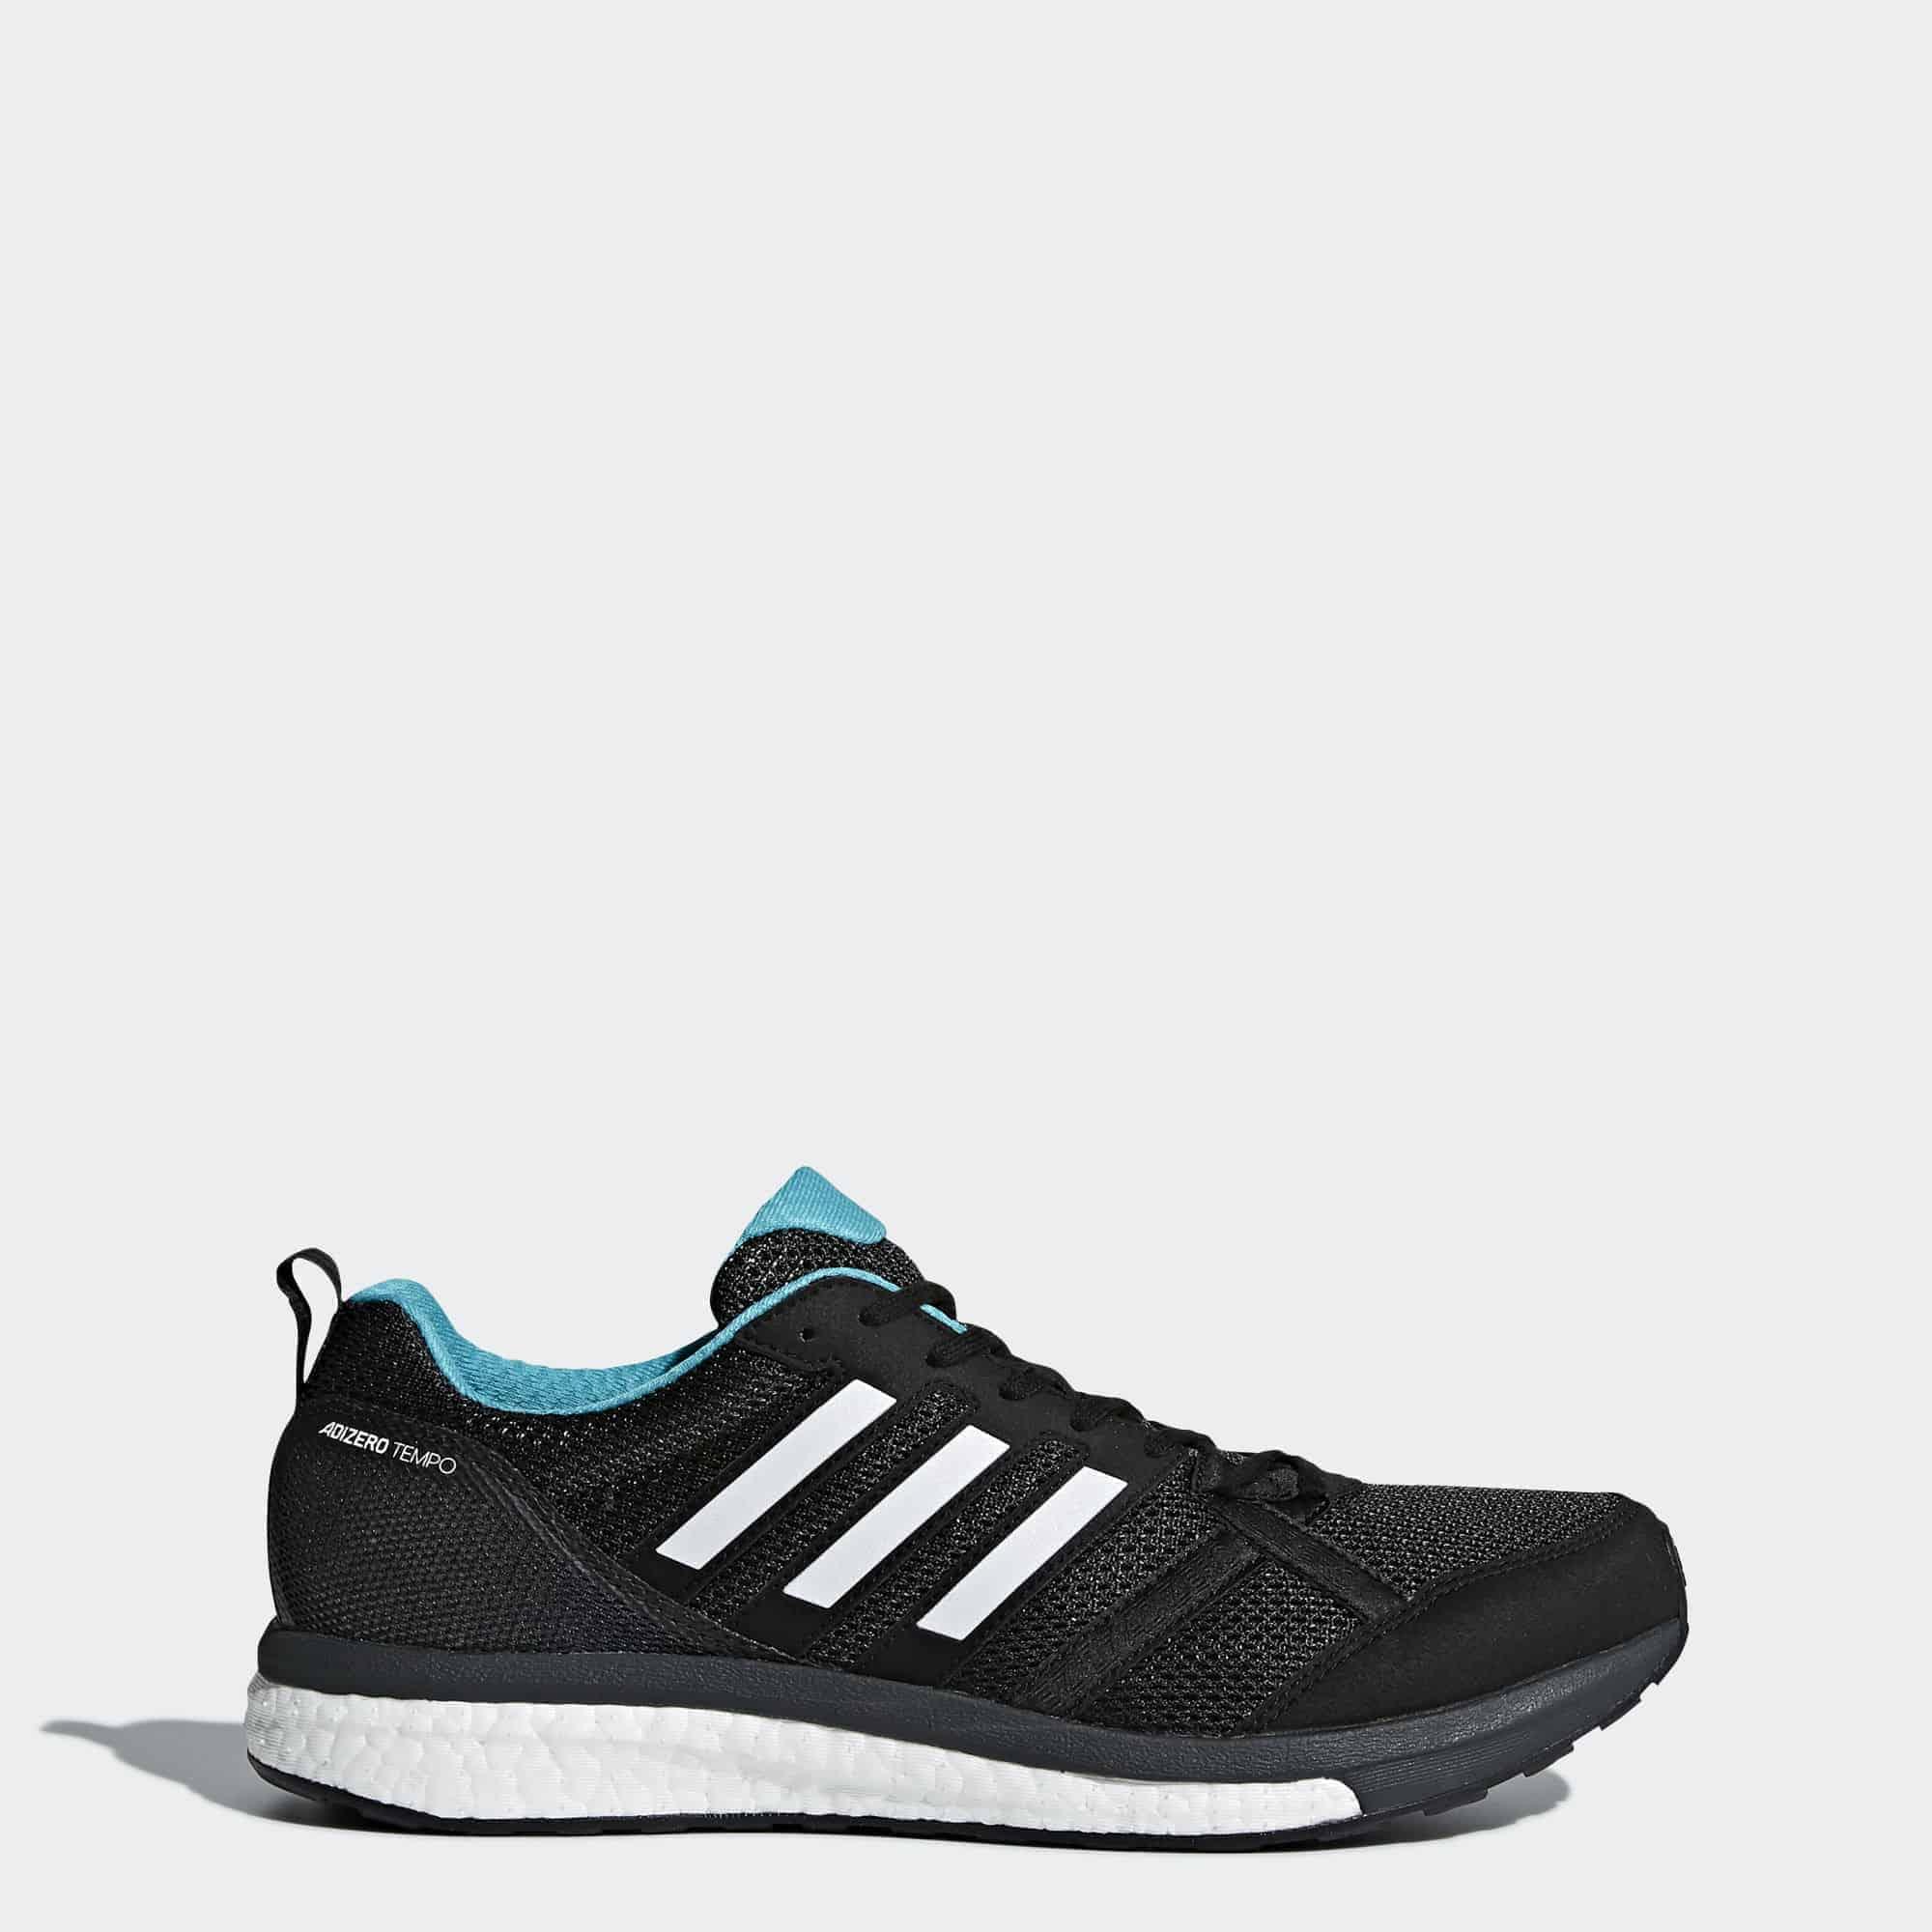 Кроссовки для бега Adidas Adizero Tempo 9 мужские